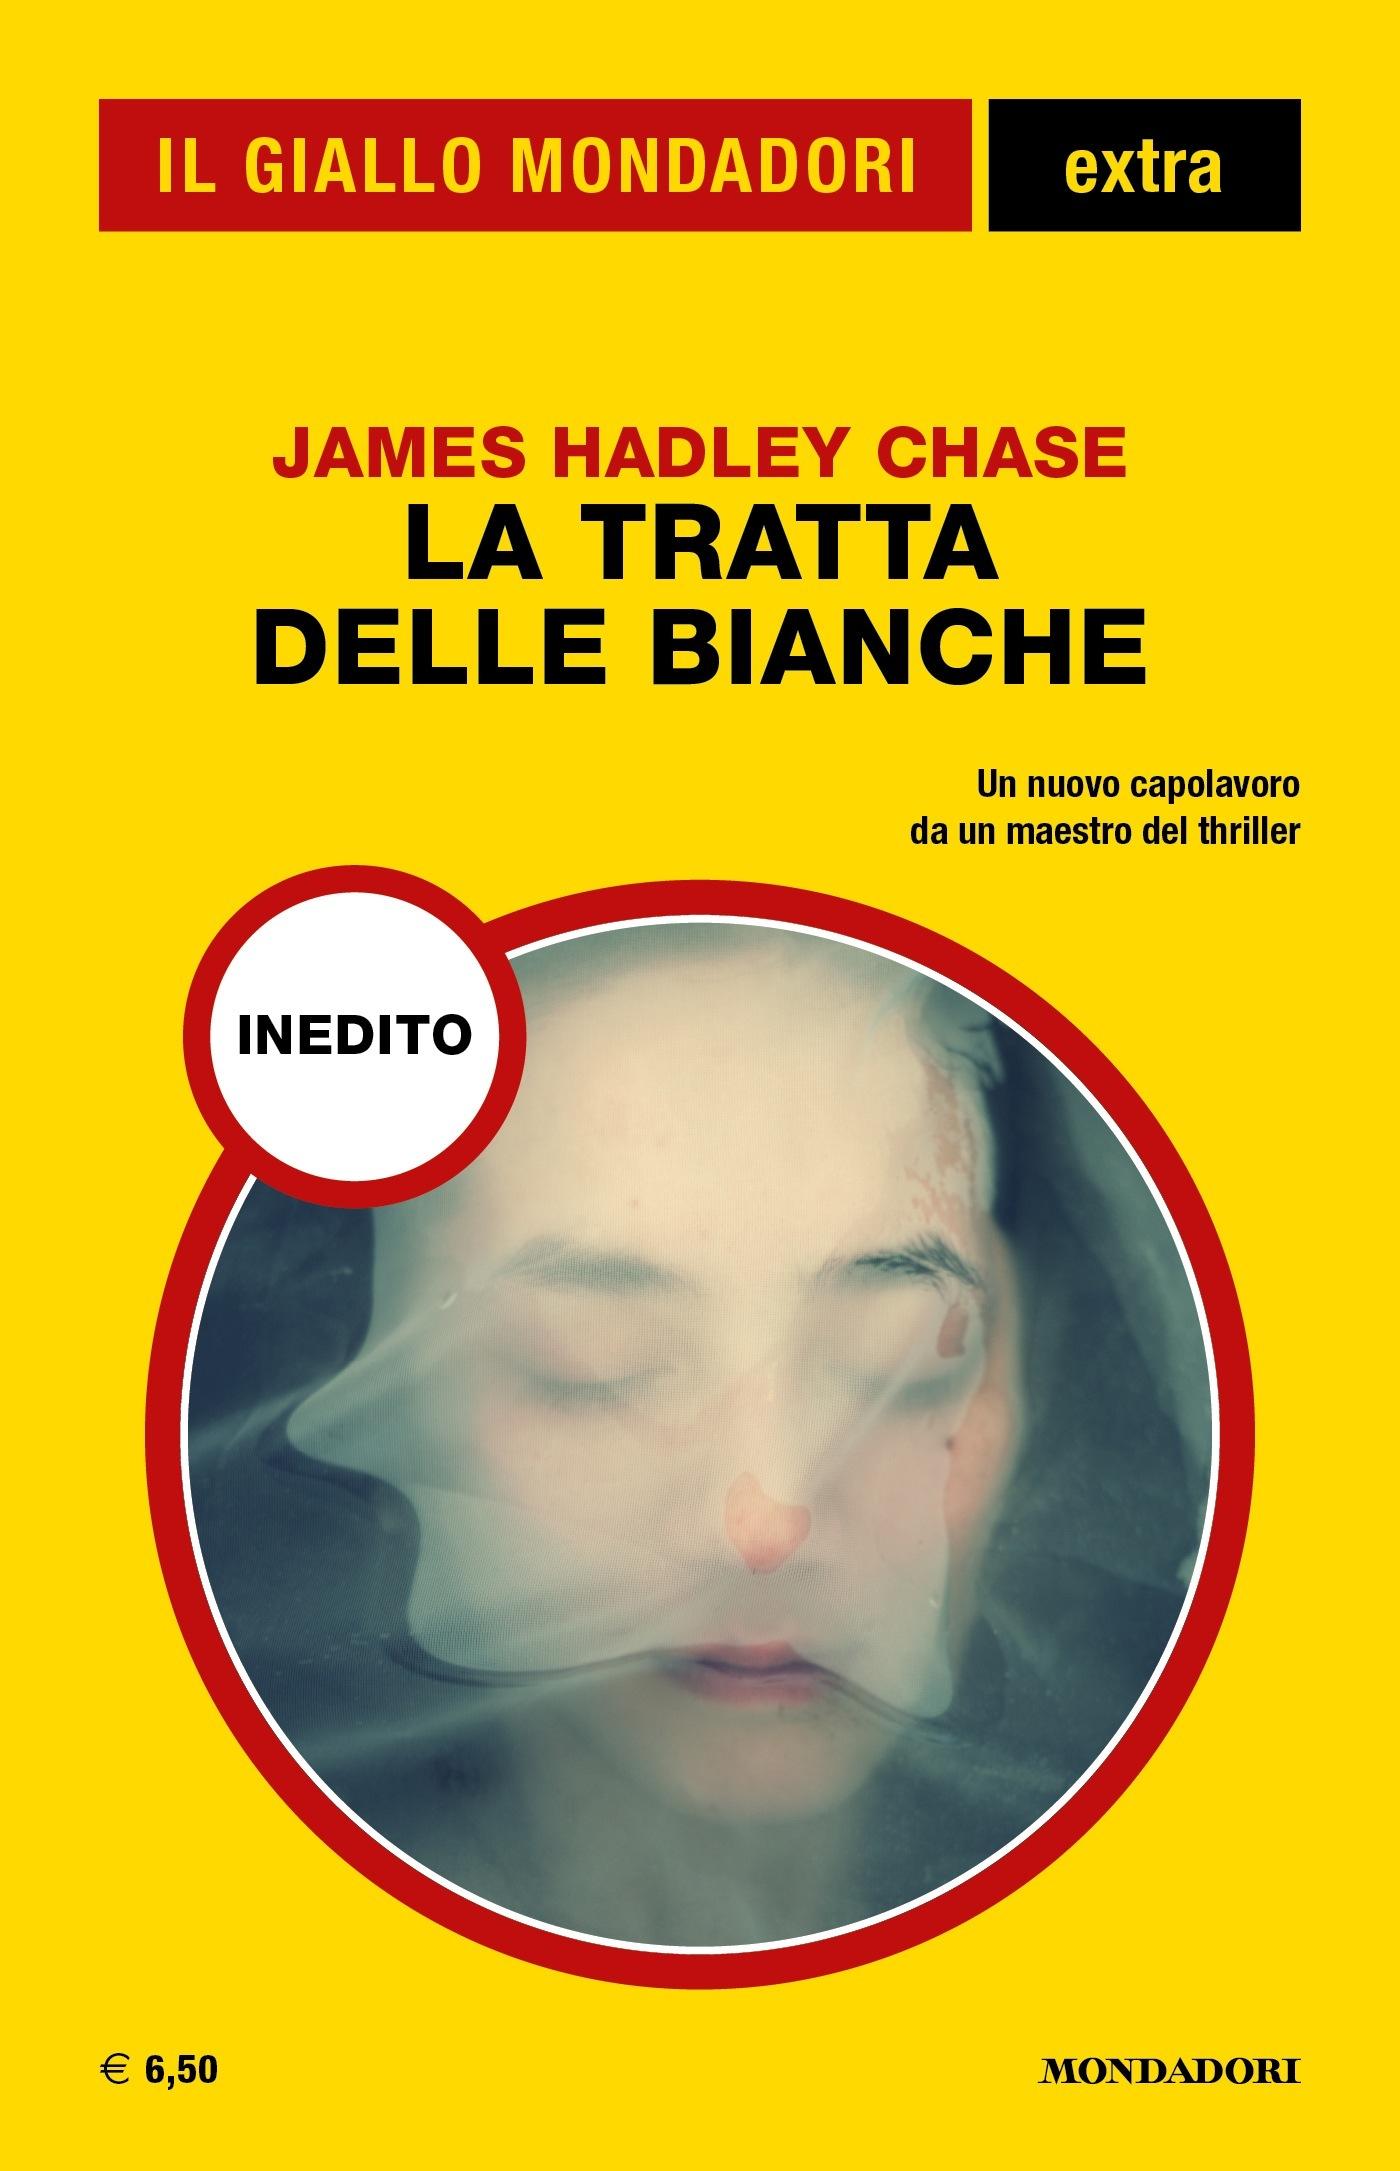 James Hadley Chase - La tratta delle bianche (Miss Callaghan Comes to Grief, 1941) - trad. Mauro Boncompagni - Il Giallo Mondadori Extra N.27, Agosto-Settembre 2017